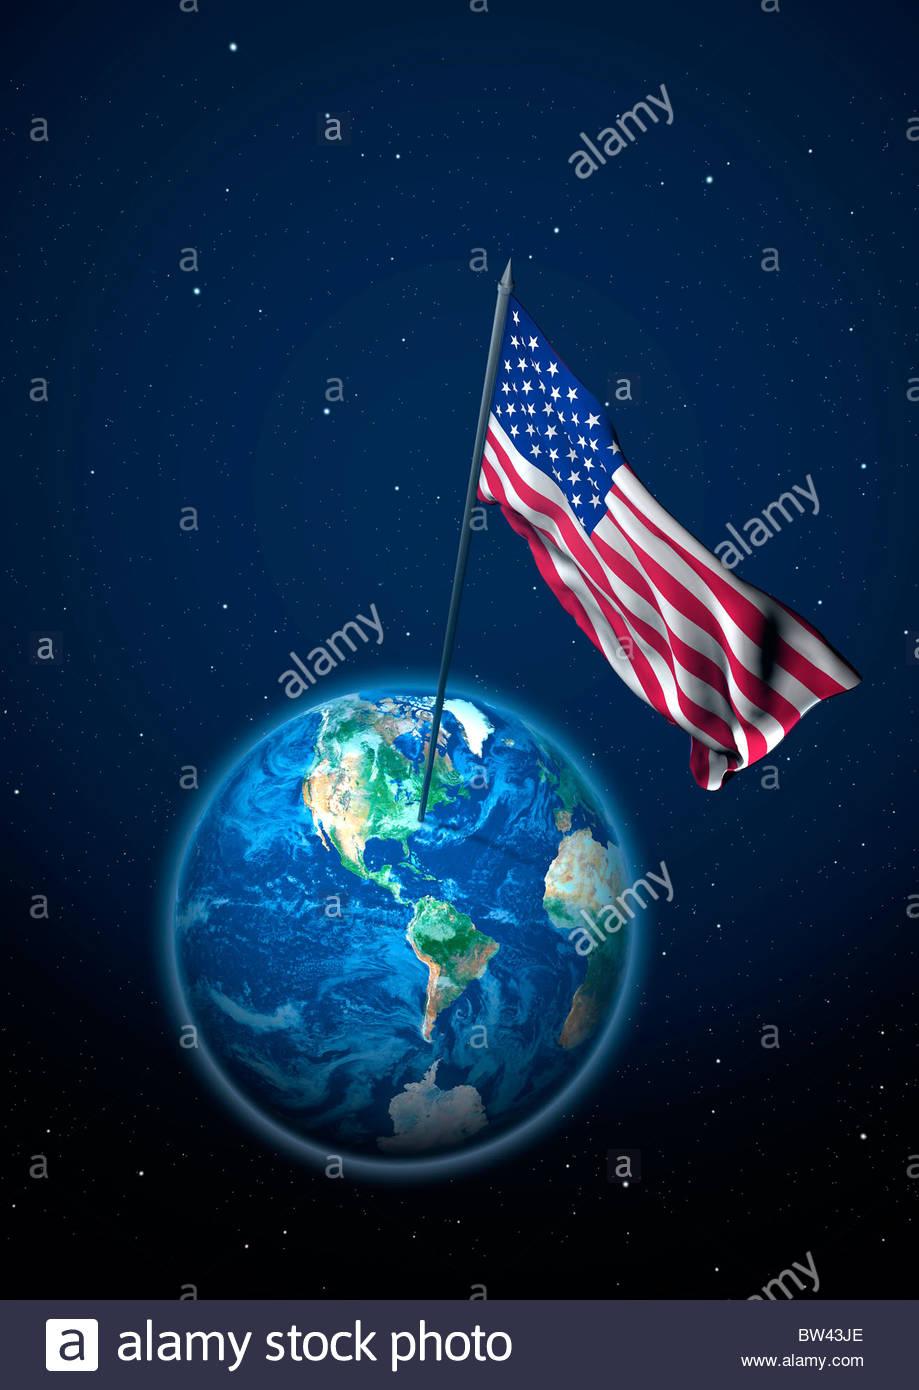 Flag of the USA - Stock Image